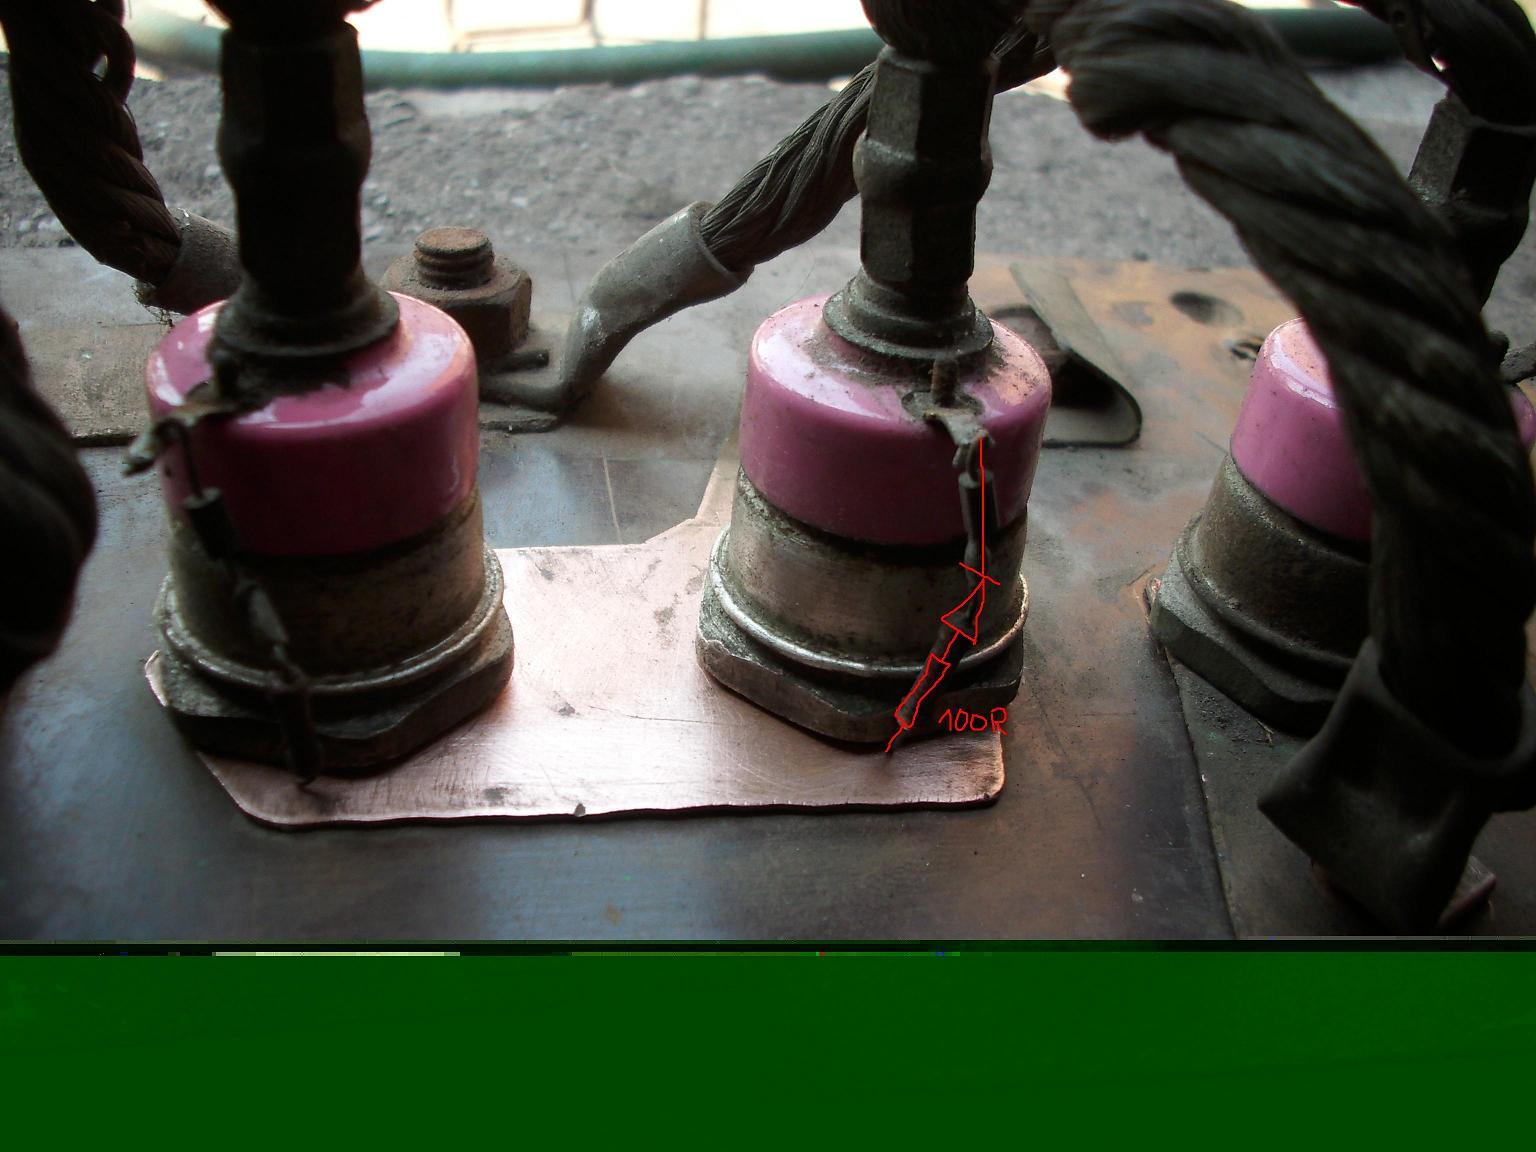 Identyfikacja elementu - prostownik spawarki